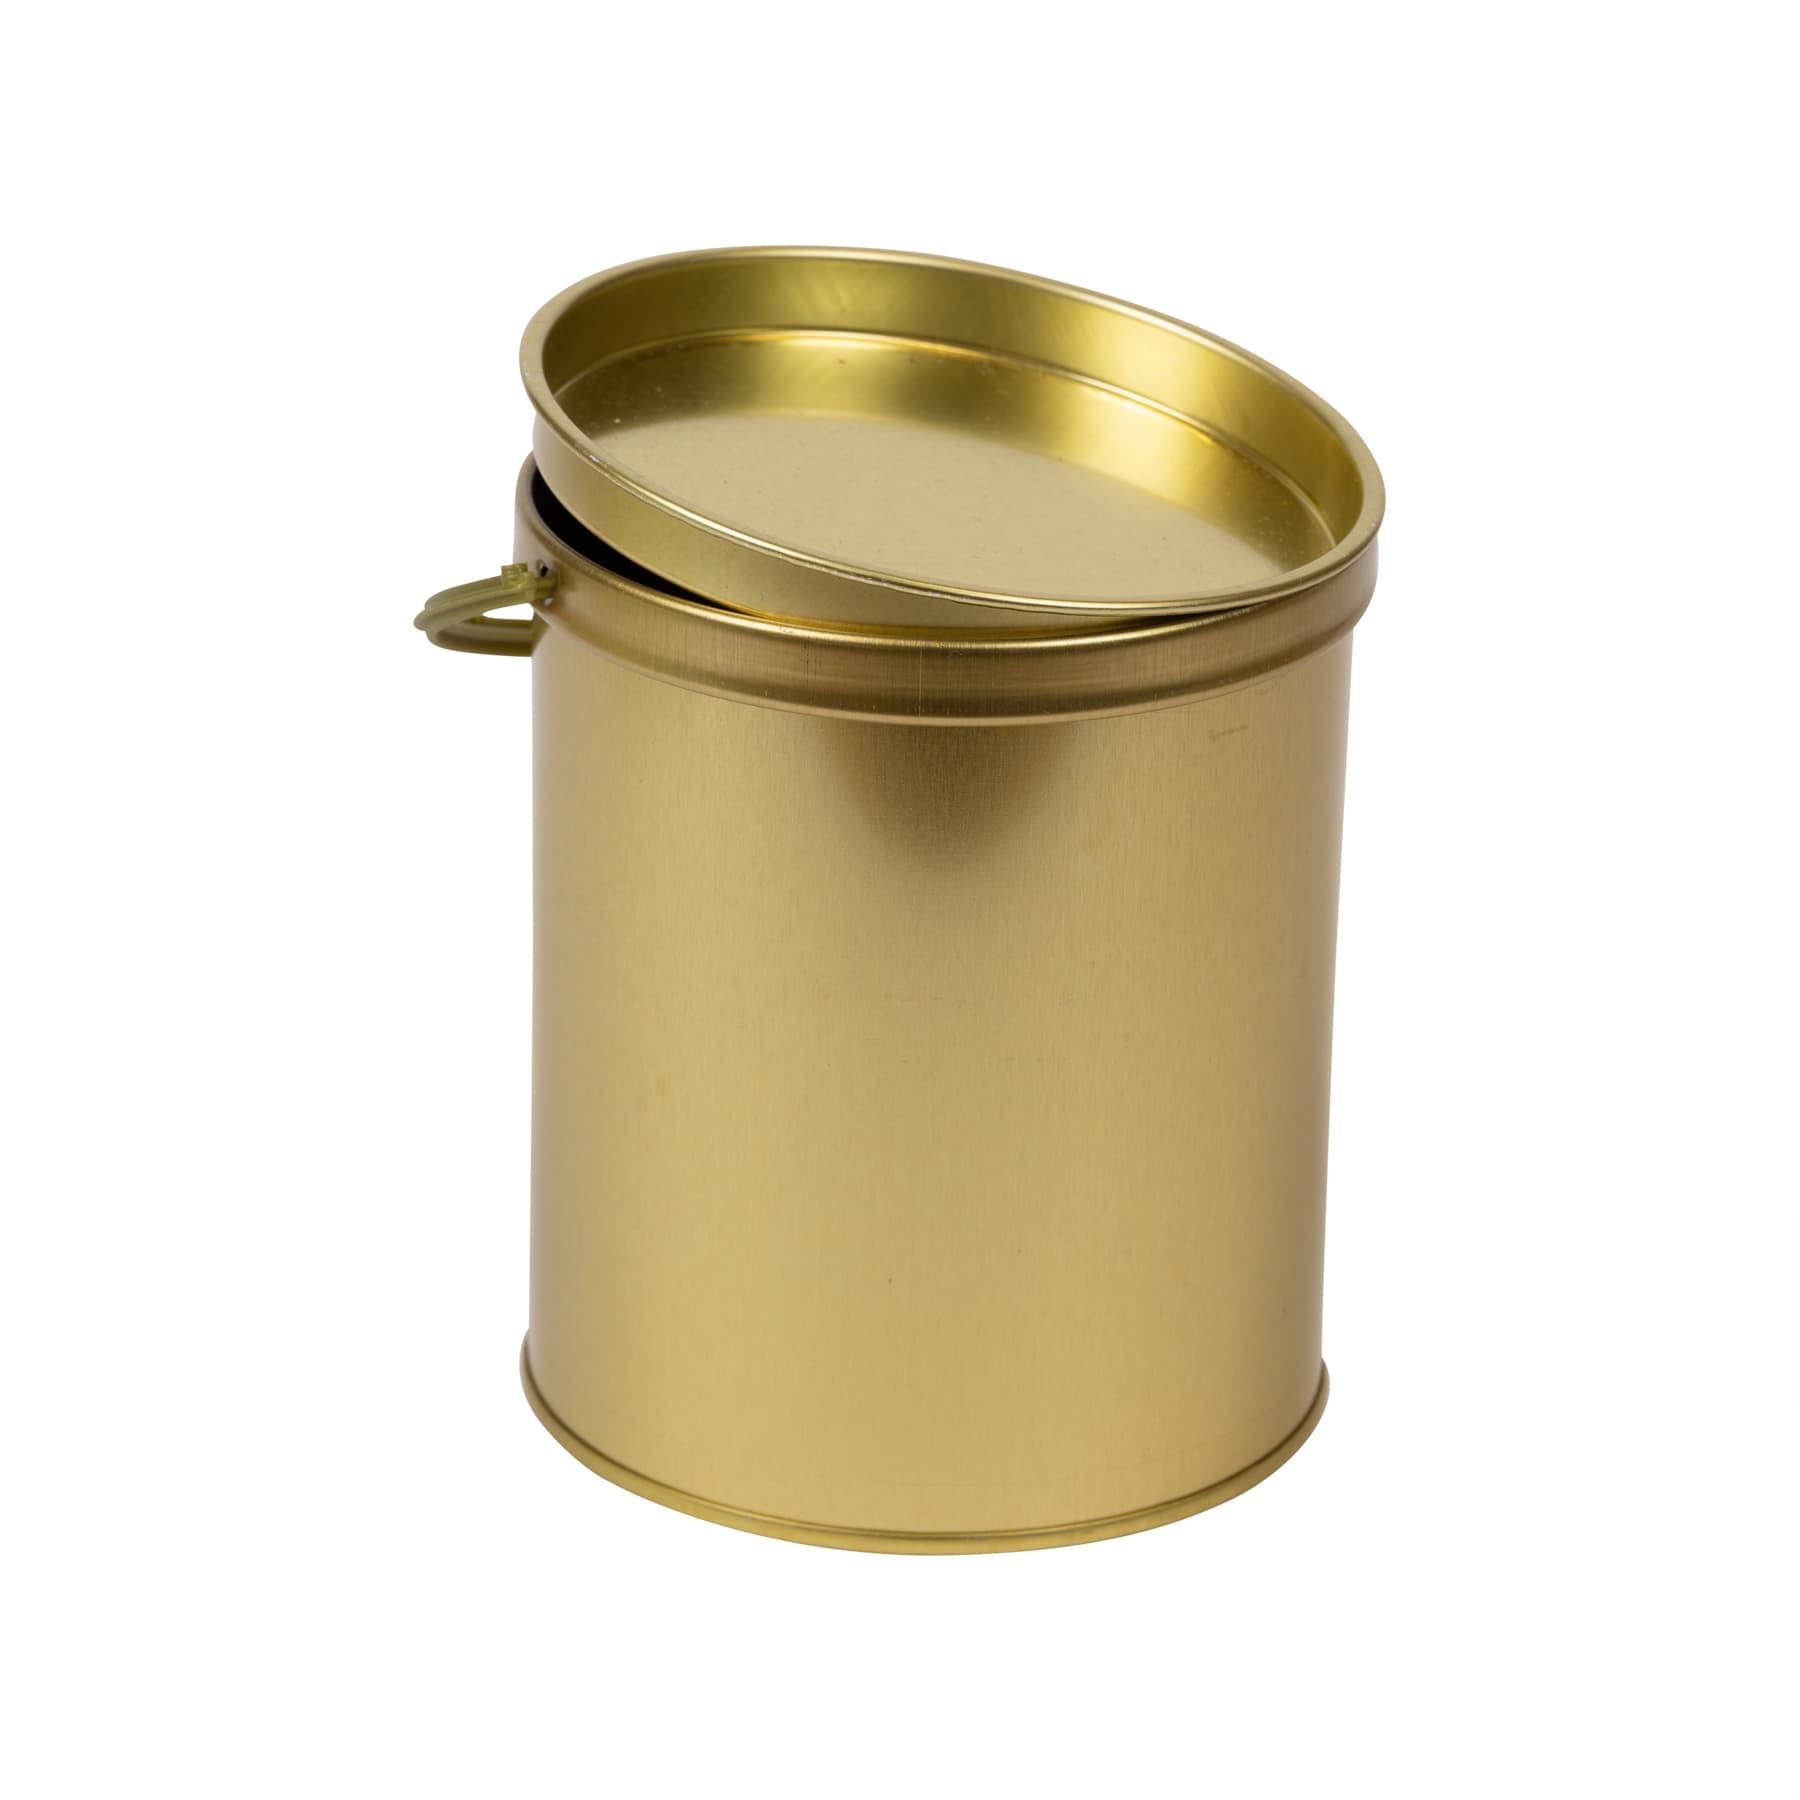 Honigeimerchen 1 kg Blech goldlackiert